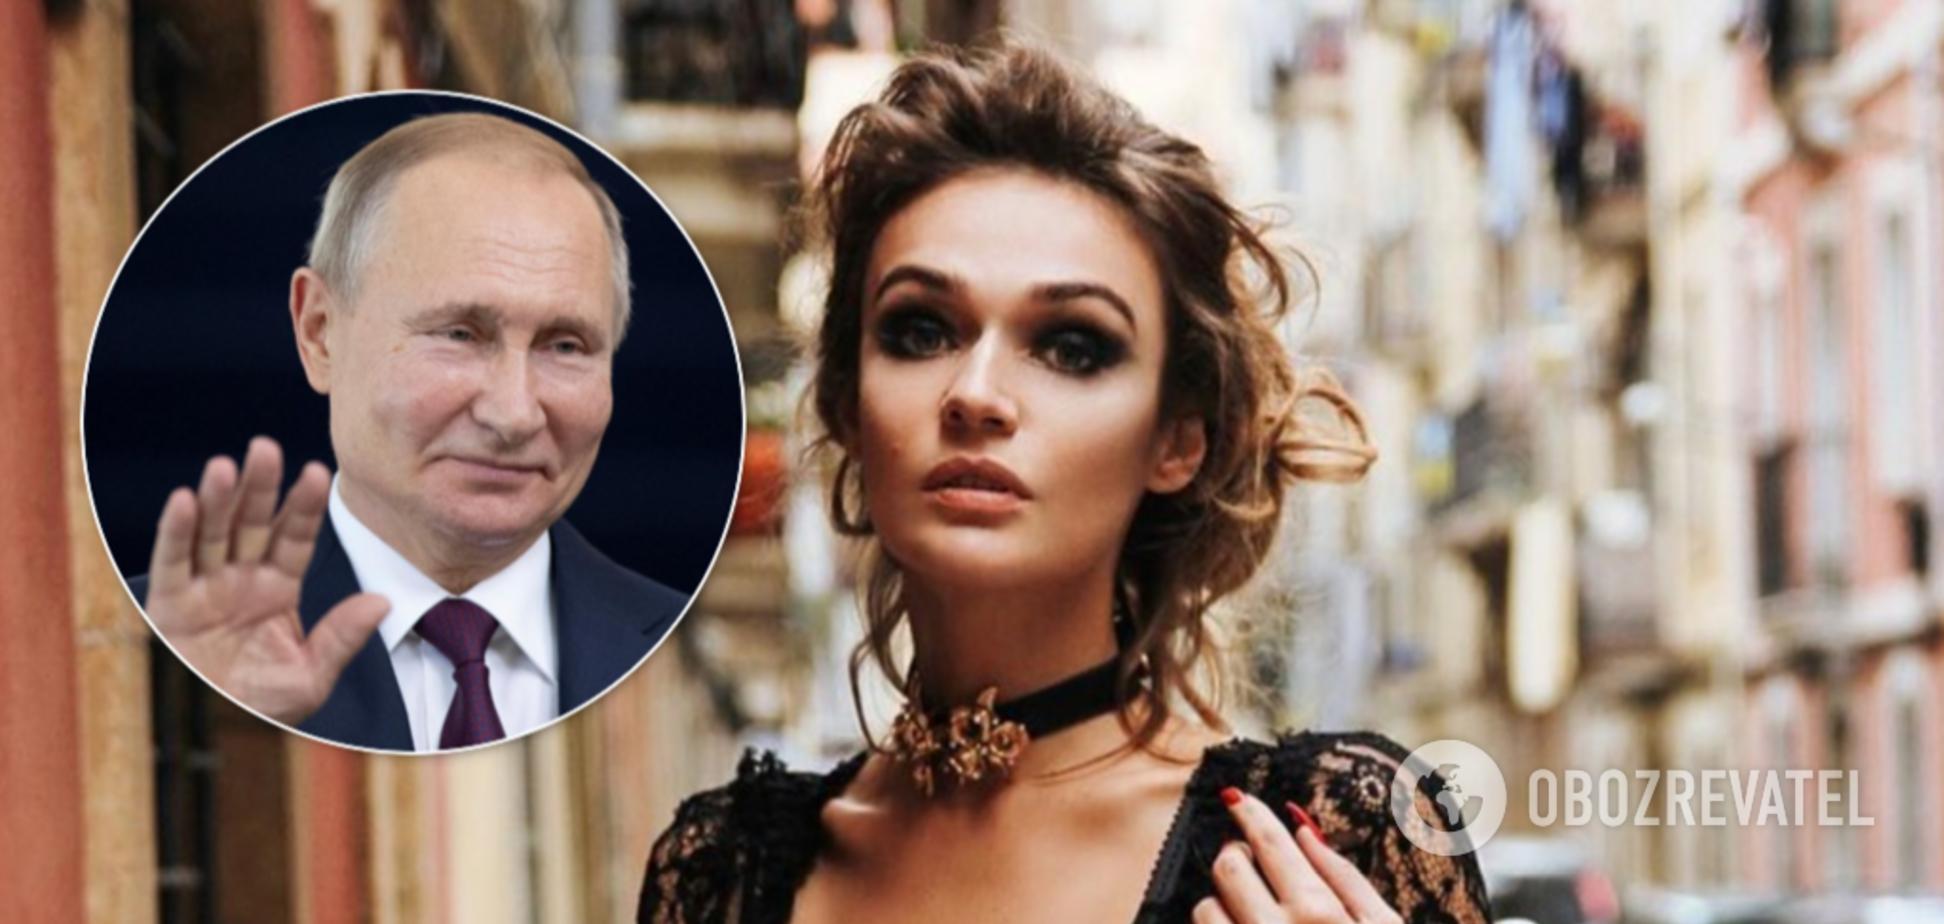 Олену Водонаєву викликала поліція через критику Путіна